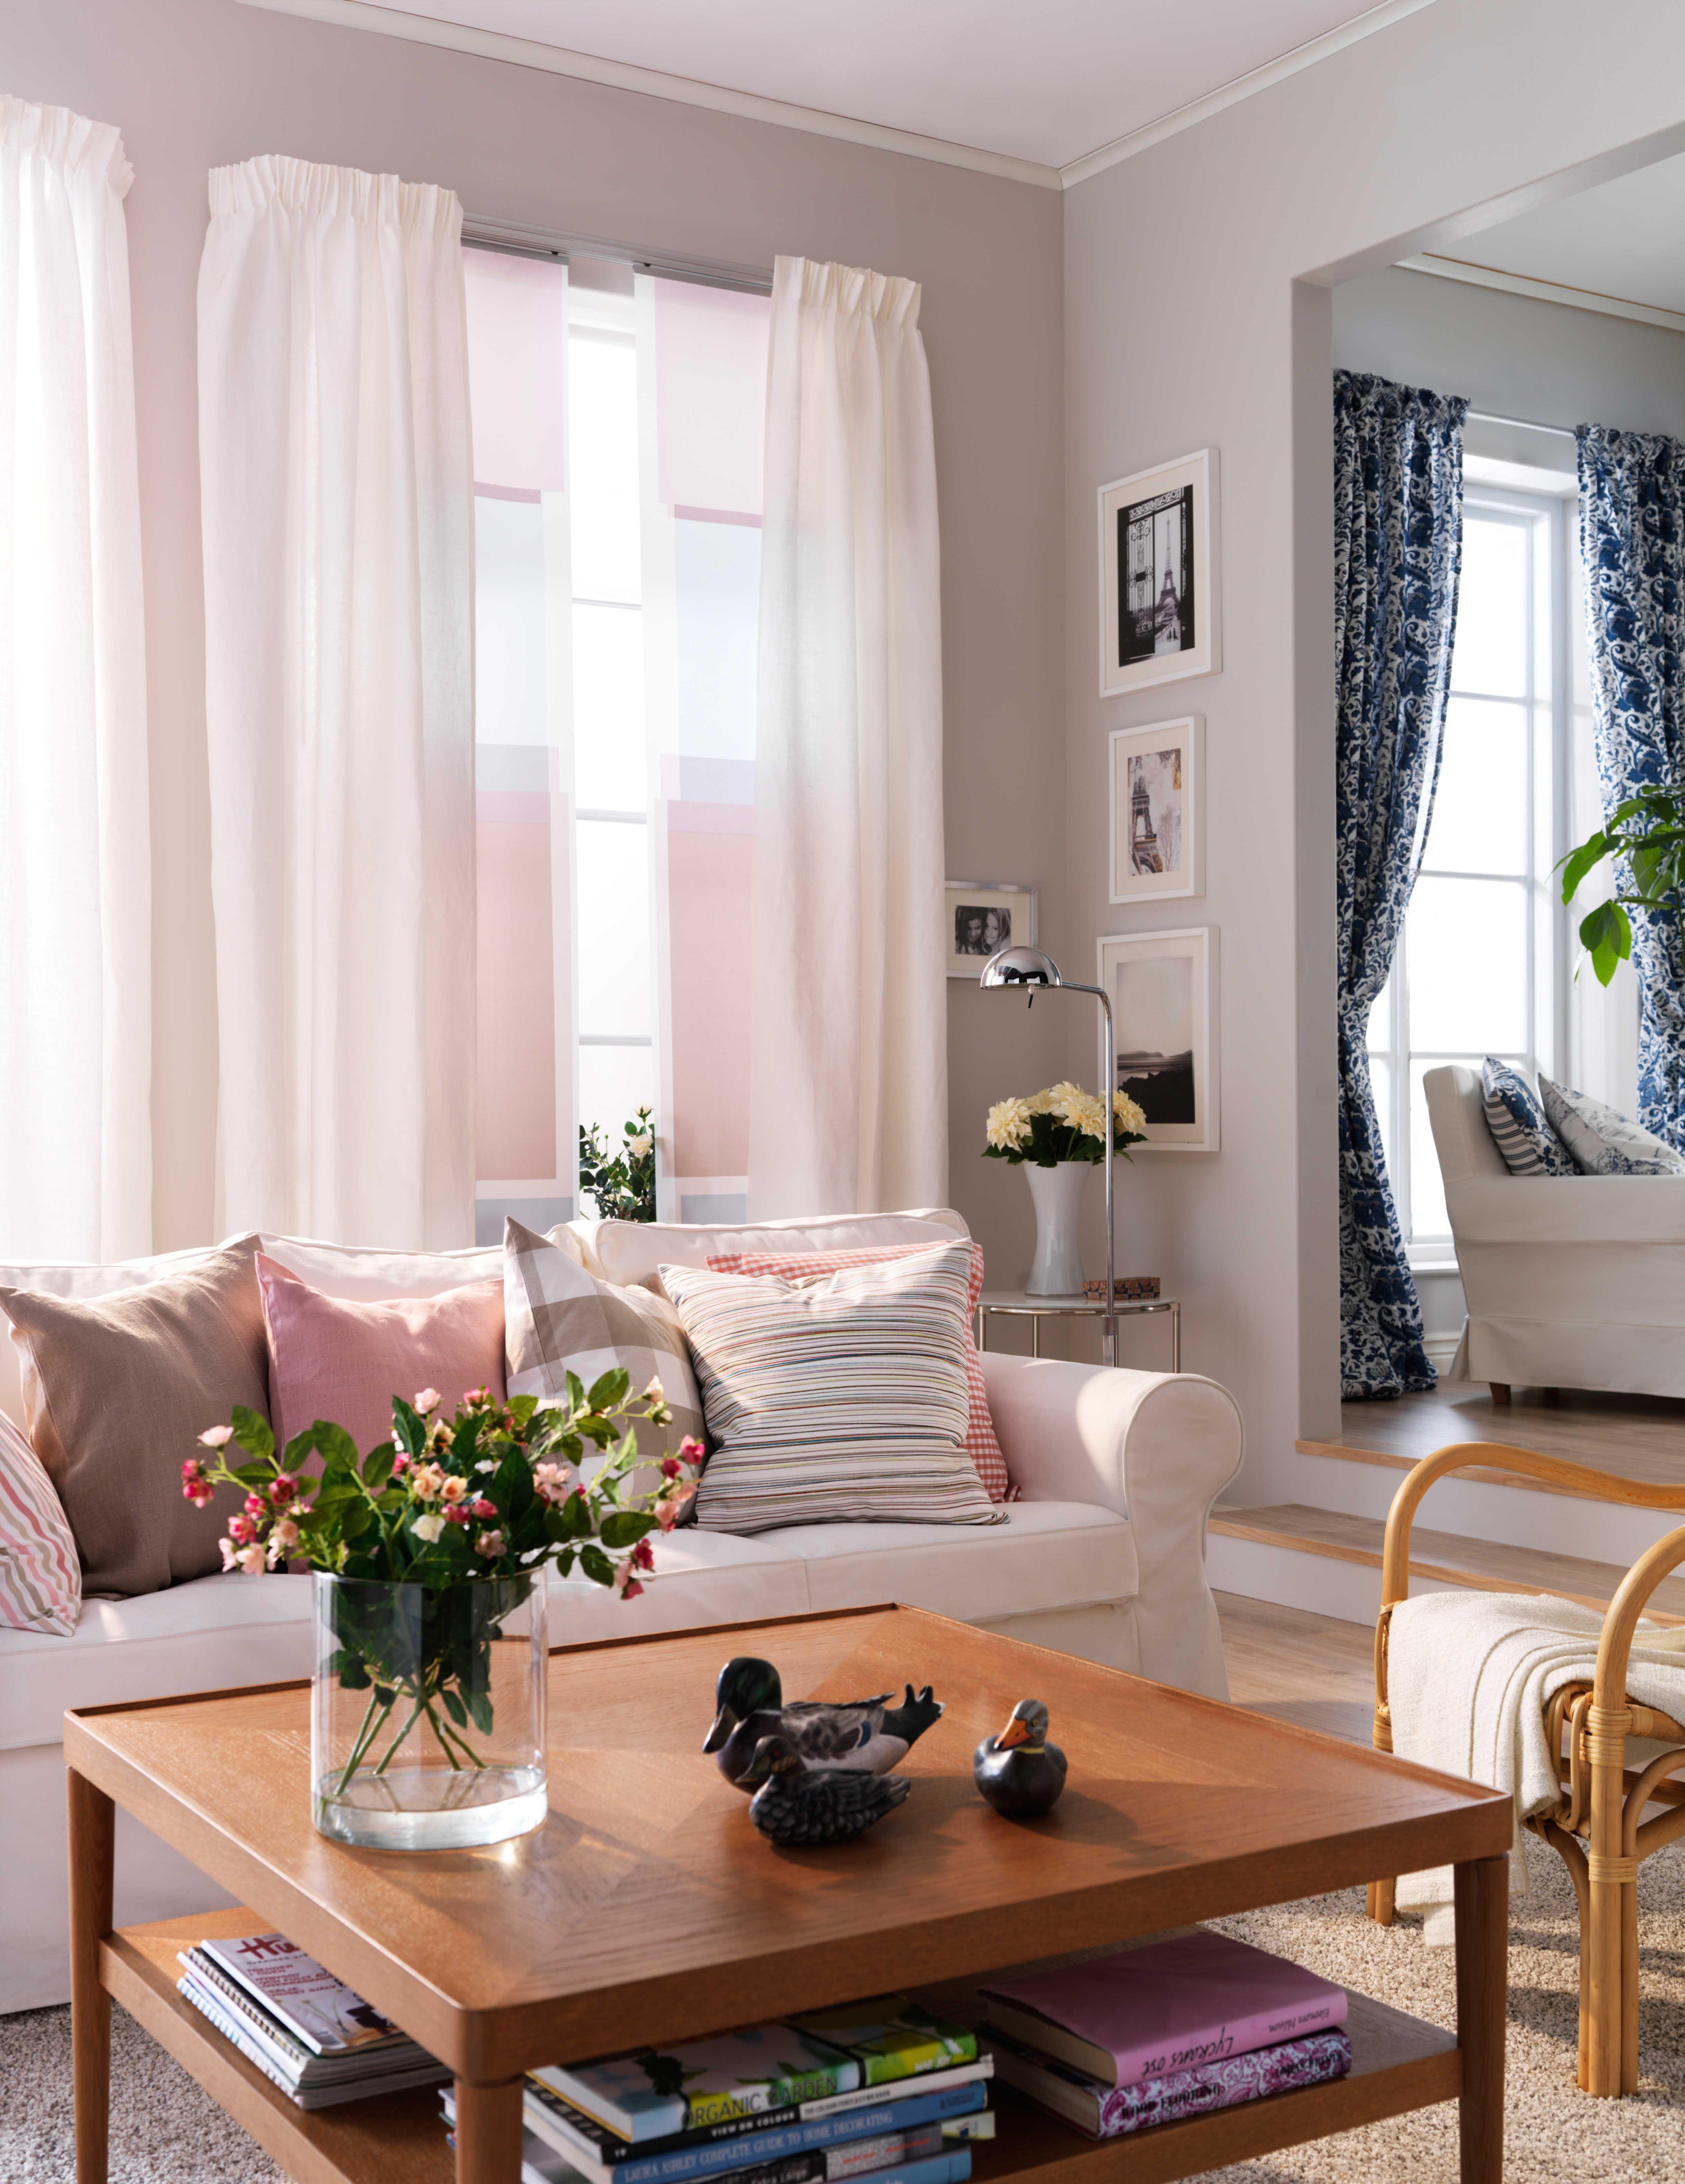 ikea wohnzimmer fotos # 15